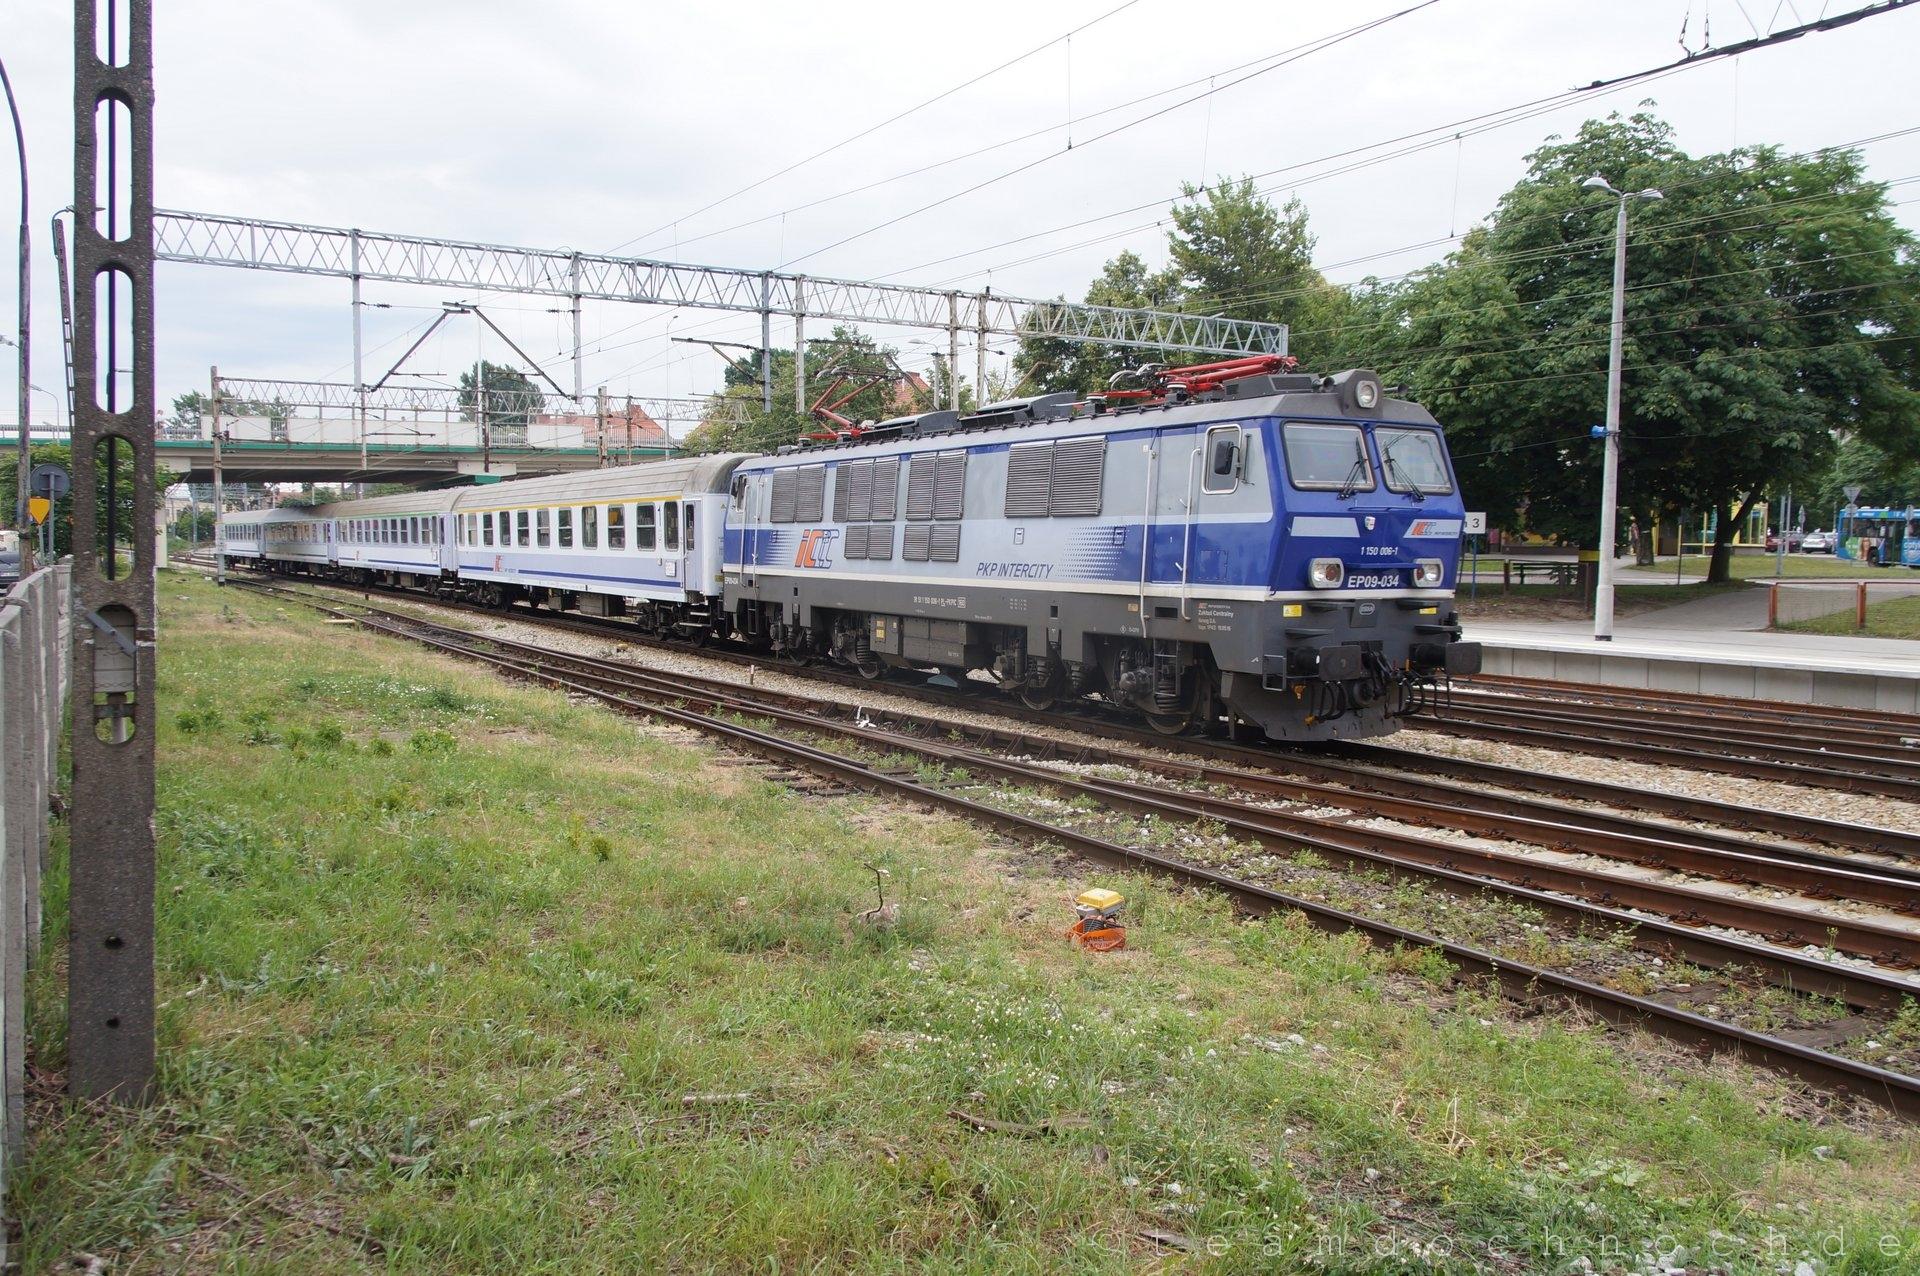 EP09-034 (1 150 006-1) bei Einfahrt in den Bahnhof von Zielona Góra